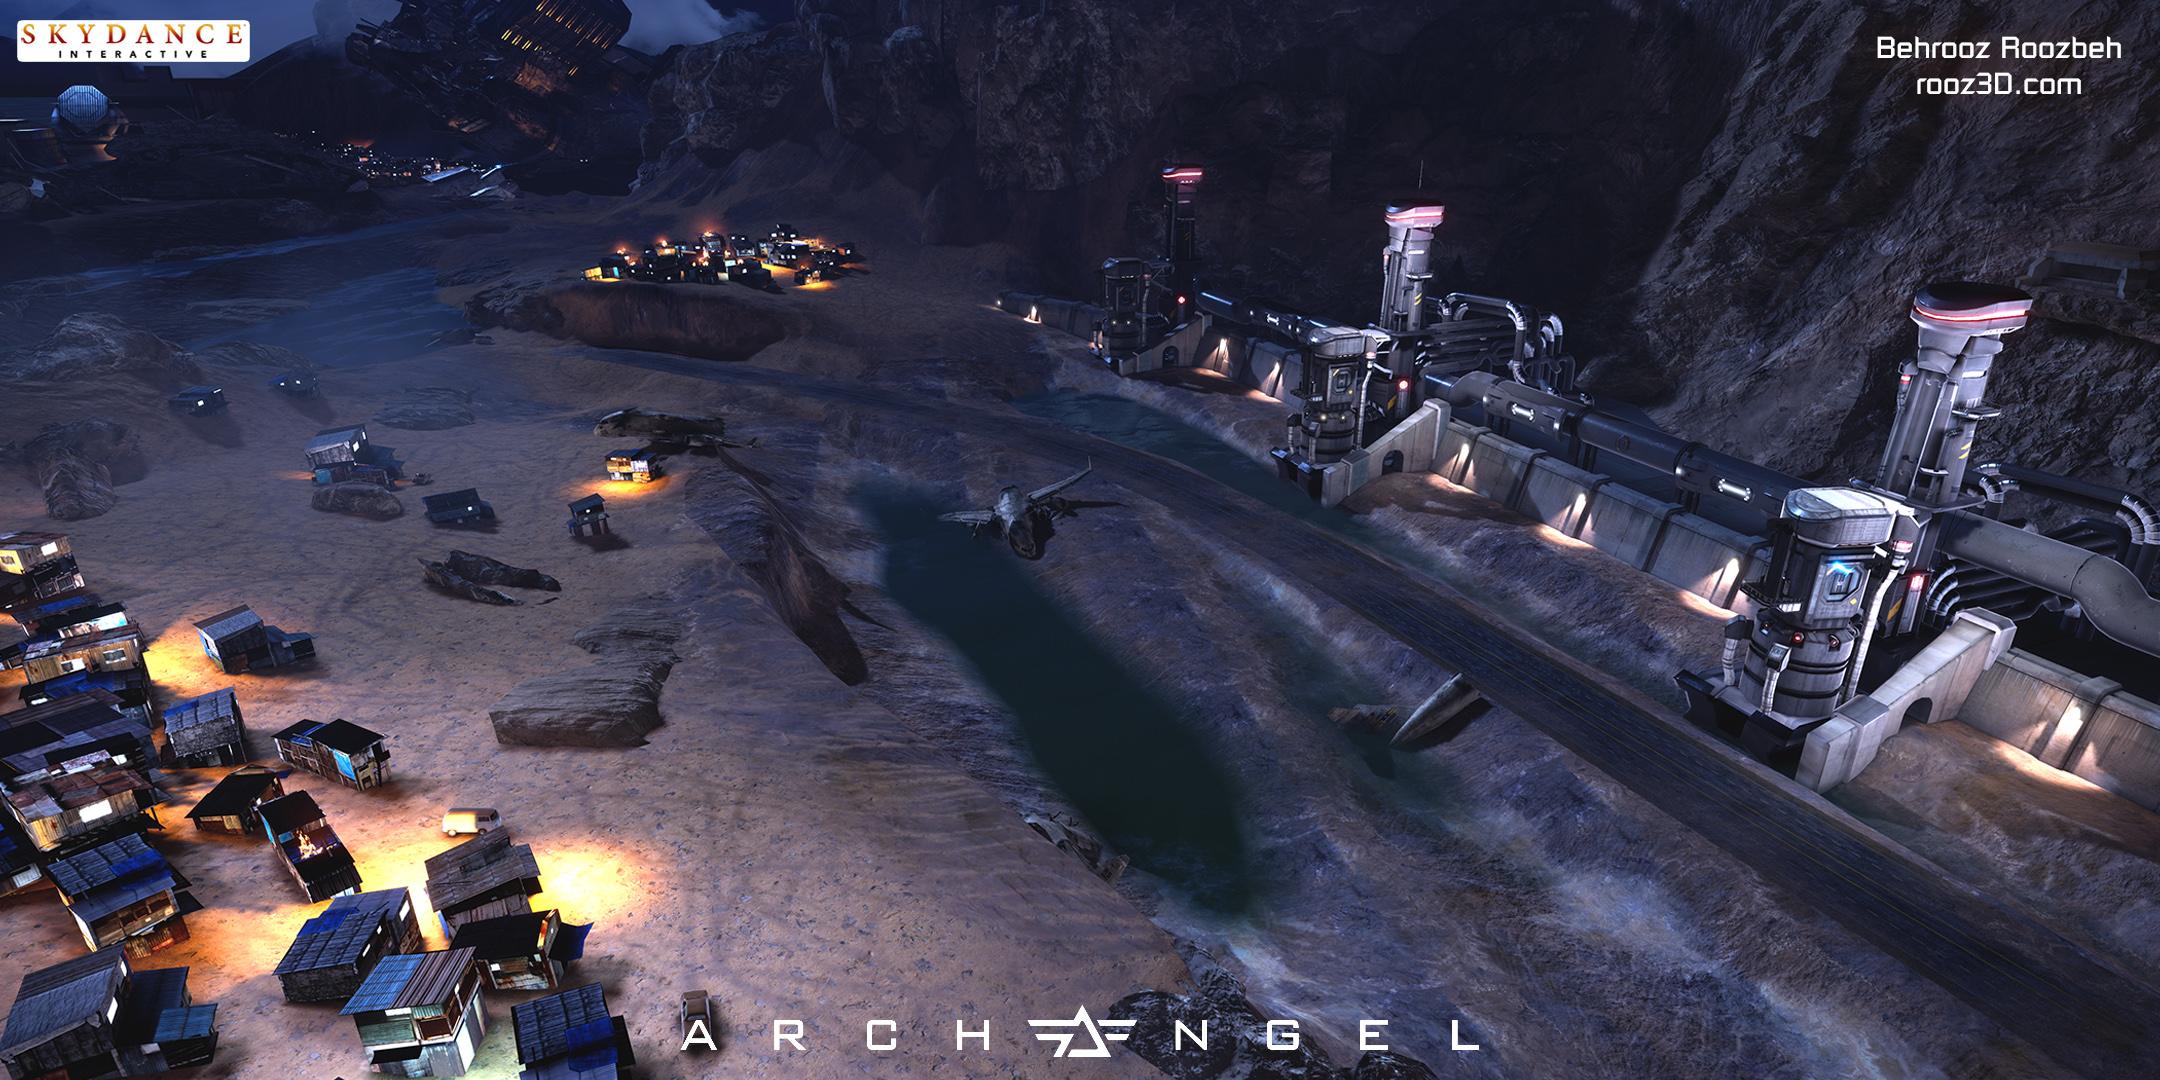 Archangel_VR_04.jpg